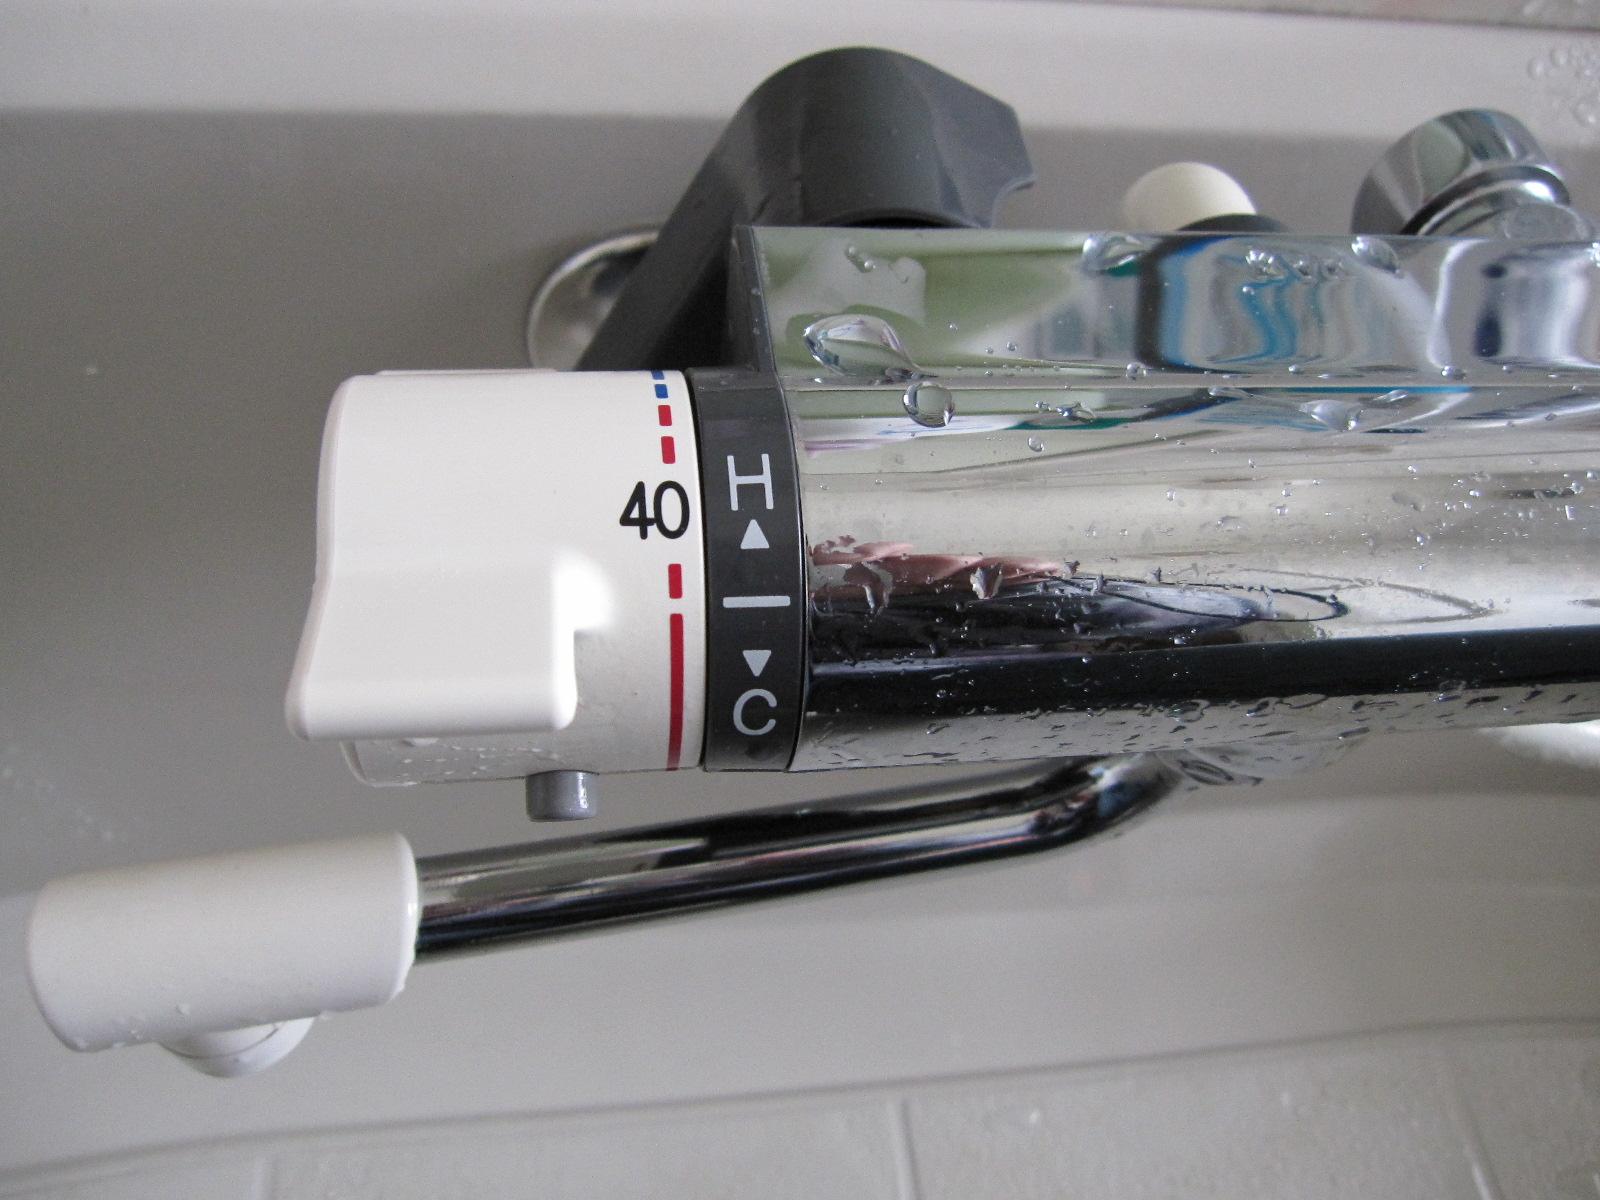 出典:シャワー混合栓の温度設定!(家庭環境)-水道屋は活きている!復興までひと休み!